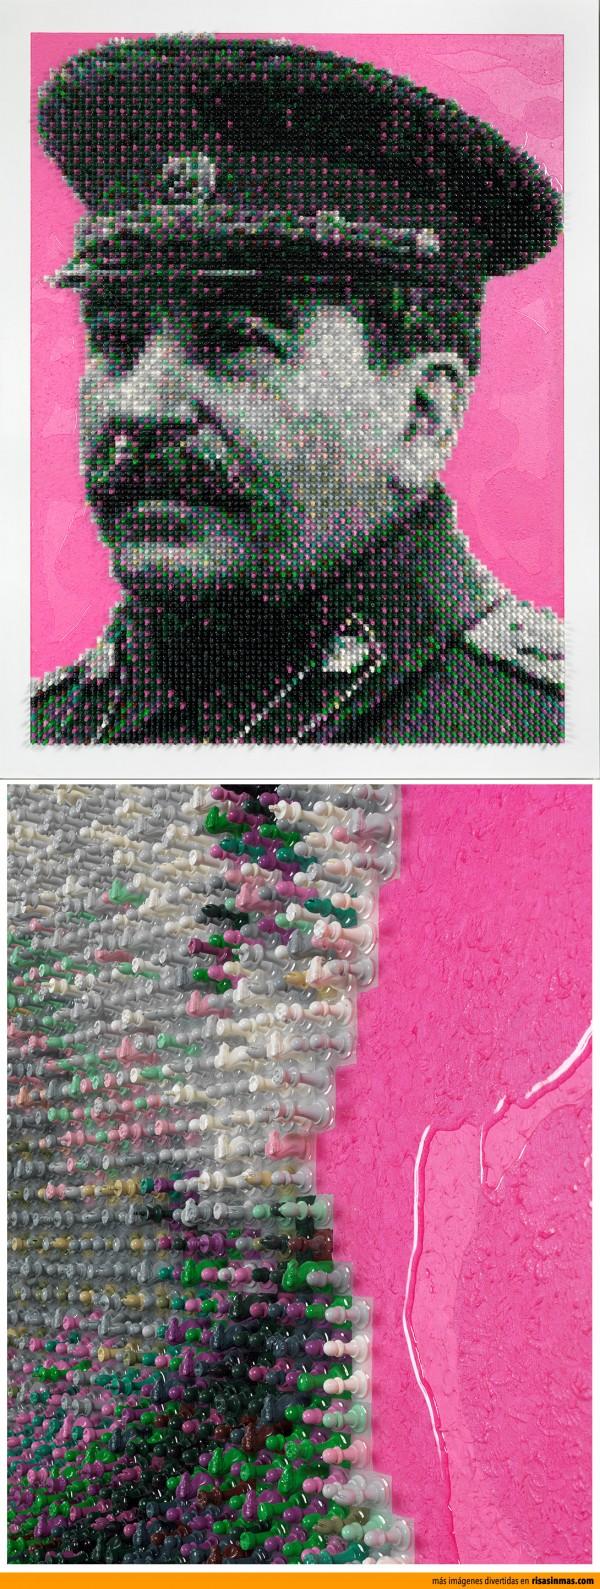 Retrato de Stalin hecho con fichas de ajedrez